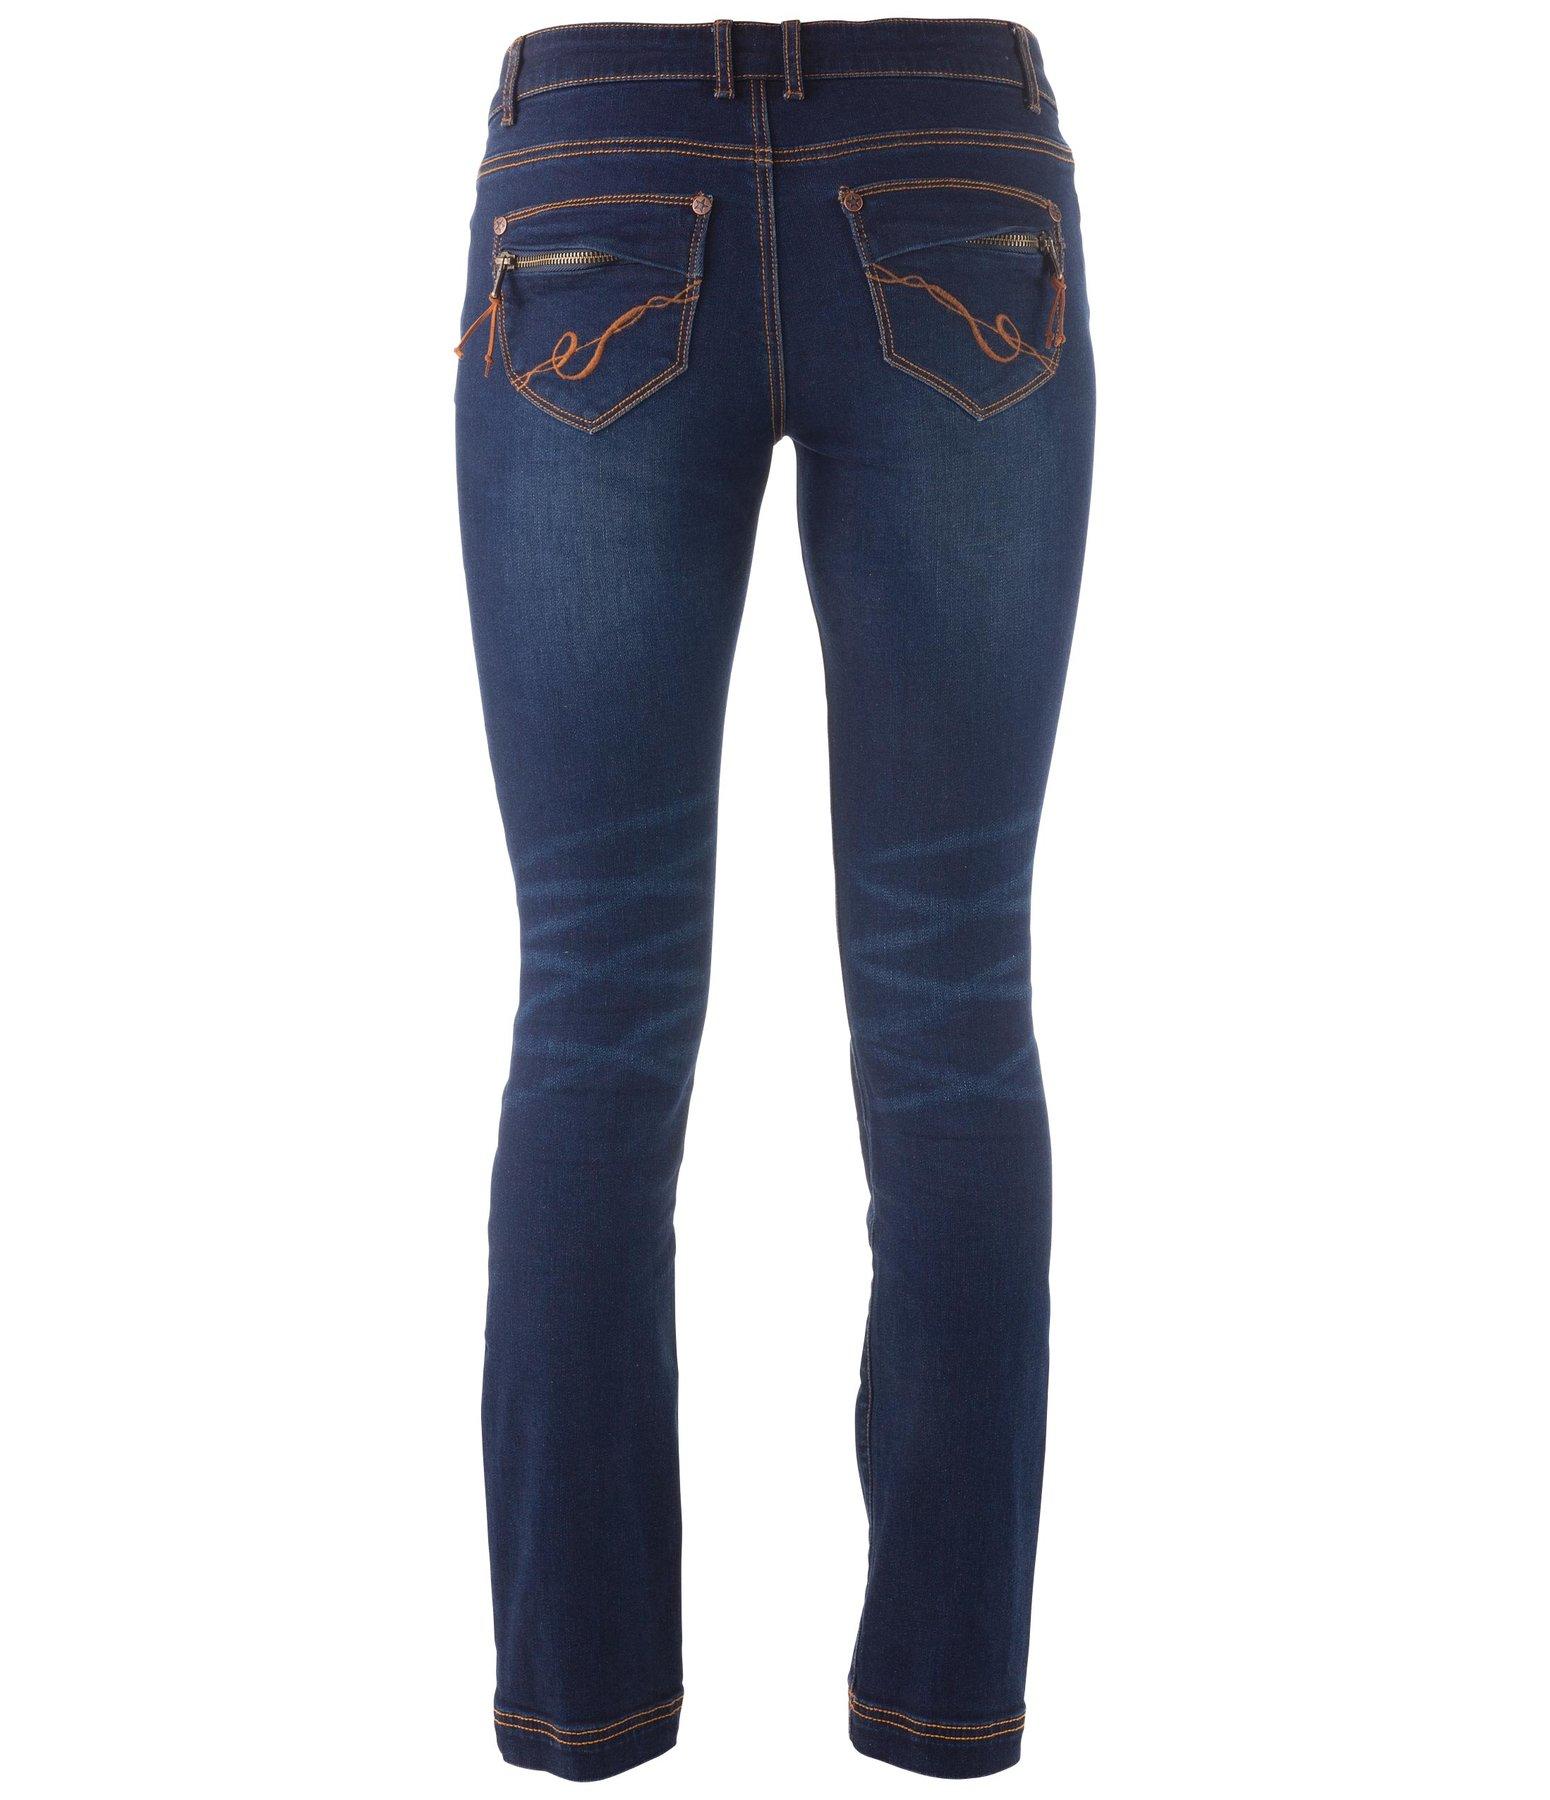 jeans shady amy jeans pour femme kramer equitation. Black Bedroom Furniture Sets. Home Design Ideas